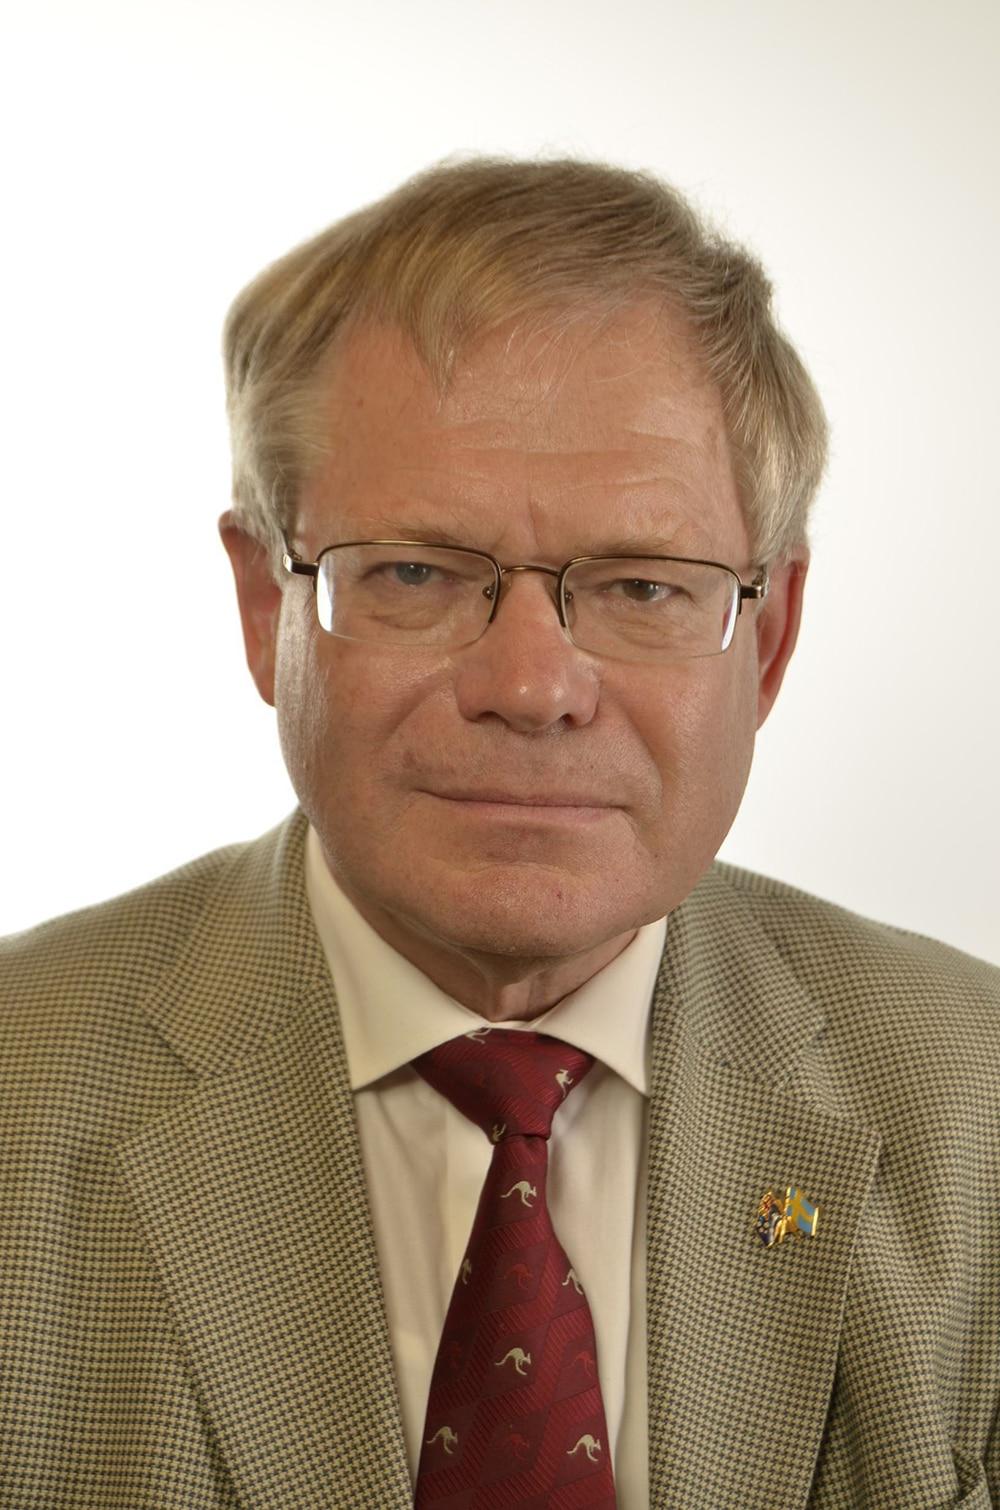 Riksdagsledamot Per-Ingvar Johansson (C) tycker inte att varg ska finnas i Skåne.